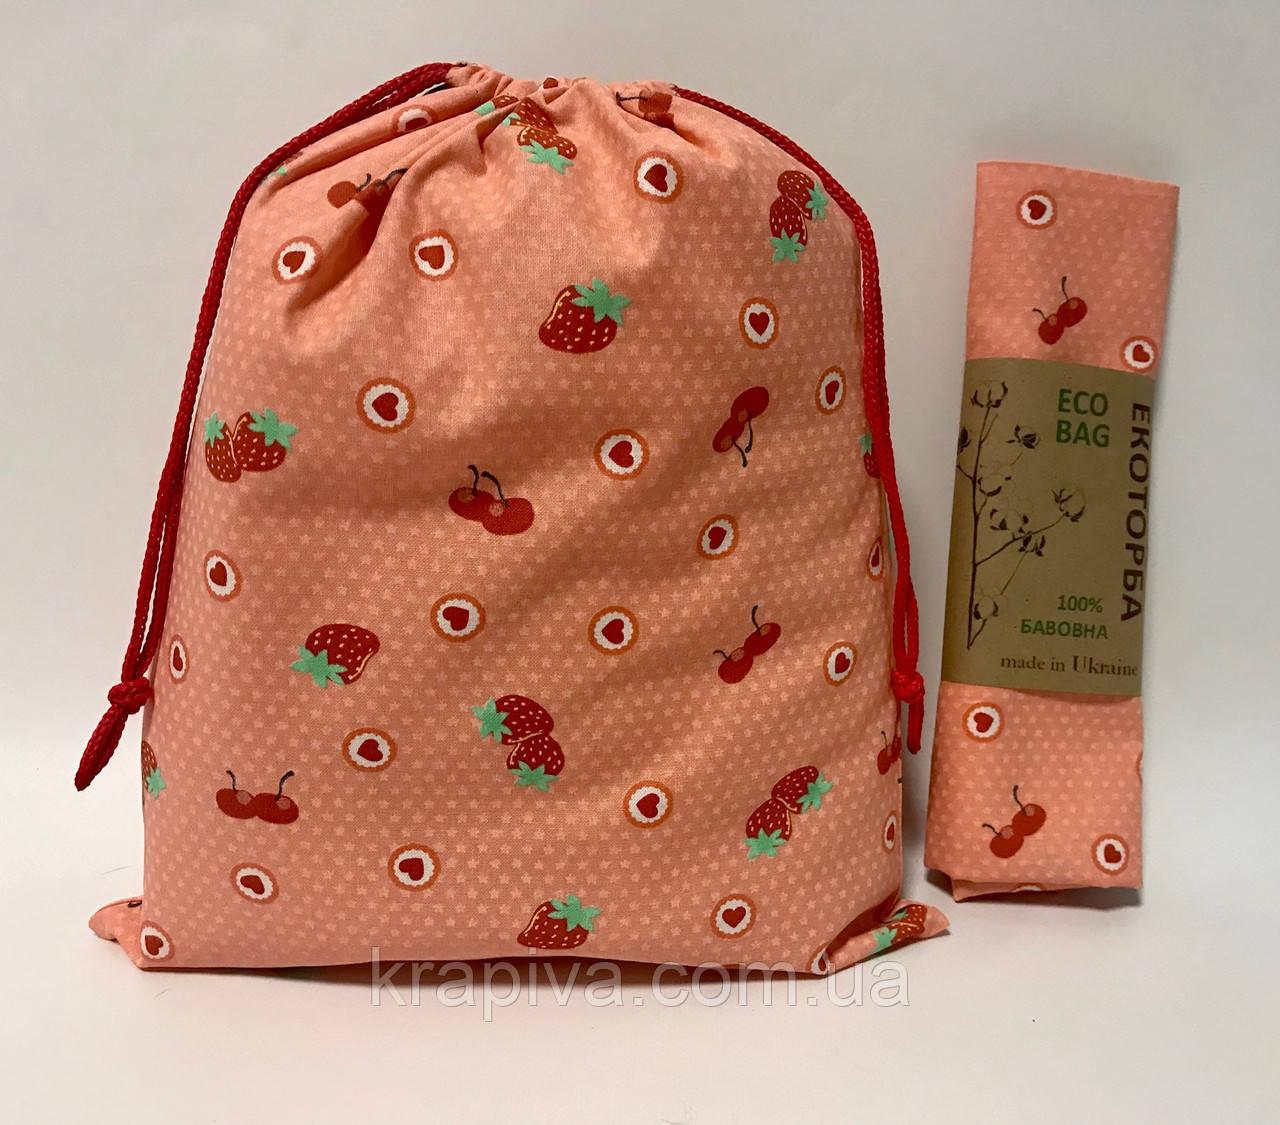 Мешок хлопок, экомешок для вещей и продуктов, еко торбинка, екоторбинка, мешок для игрушек, торба